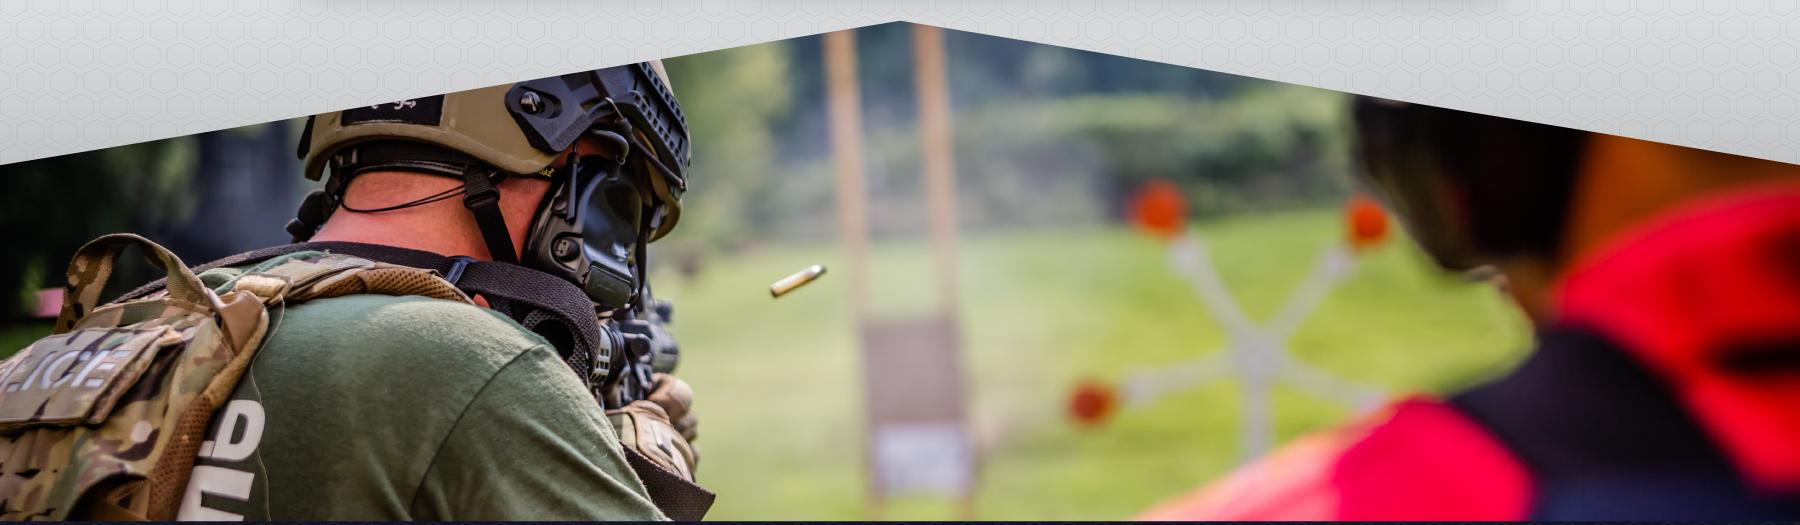 FCT Shooting range